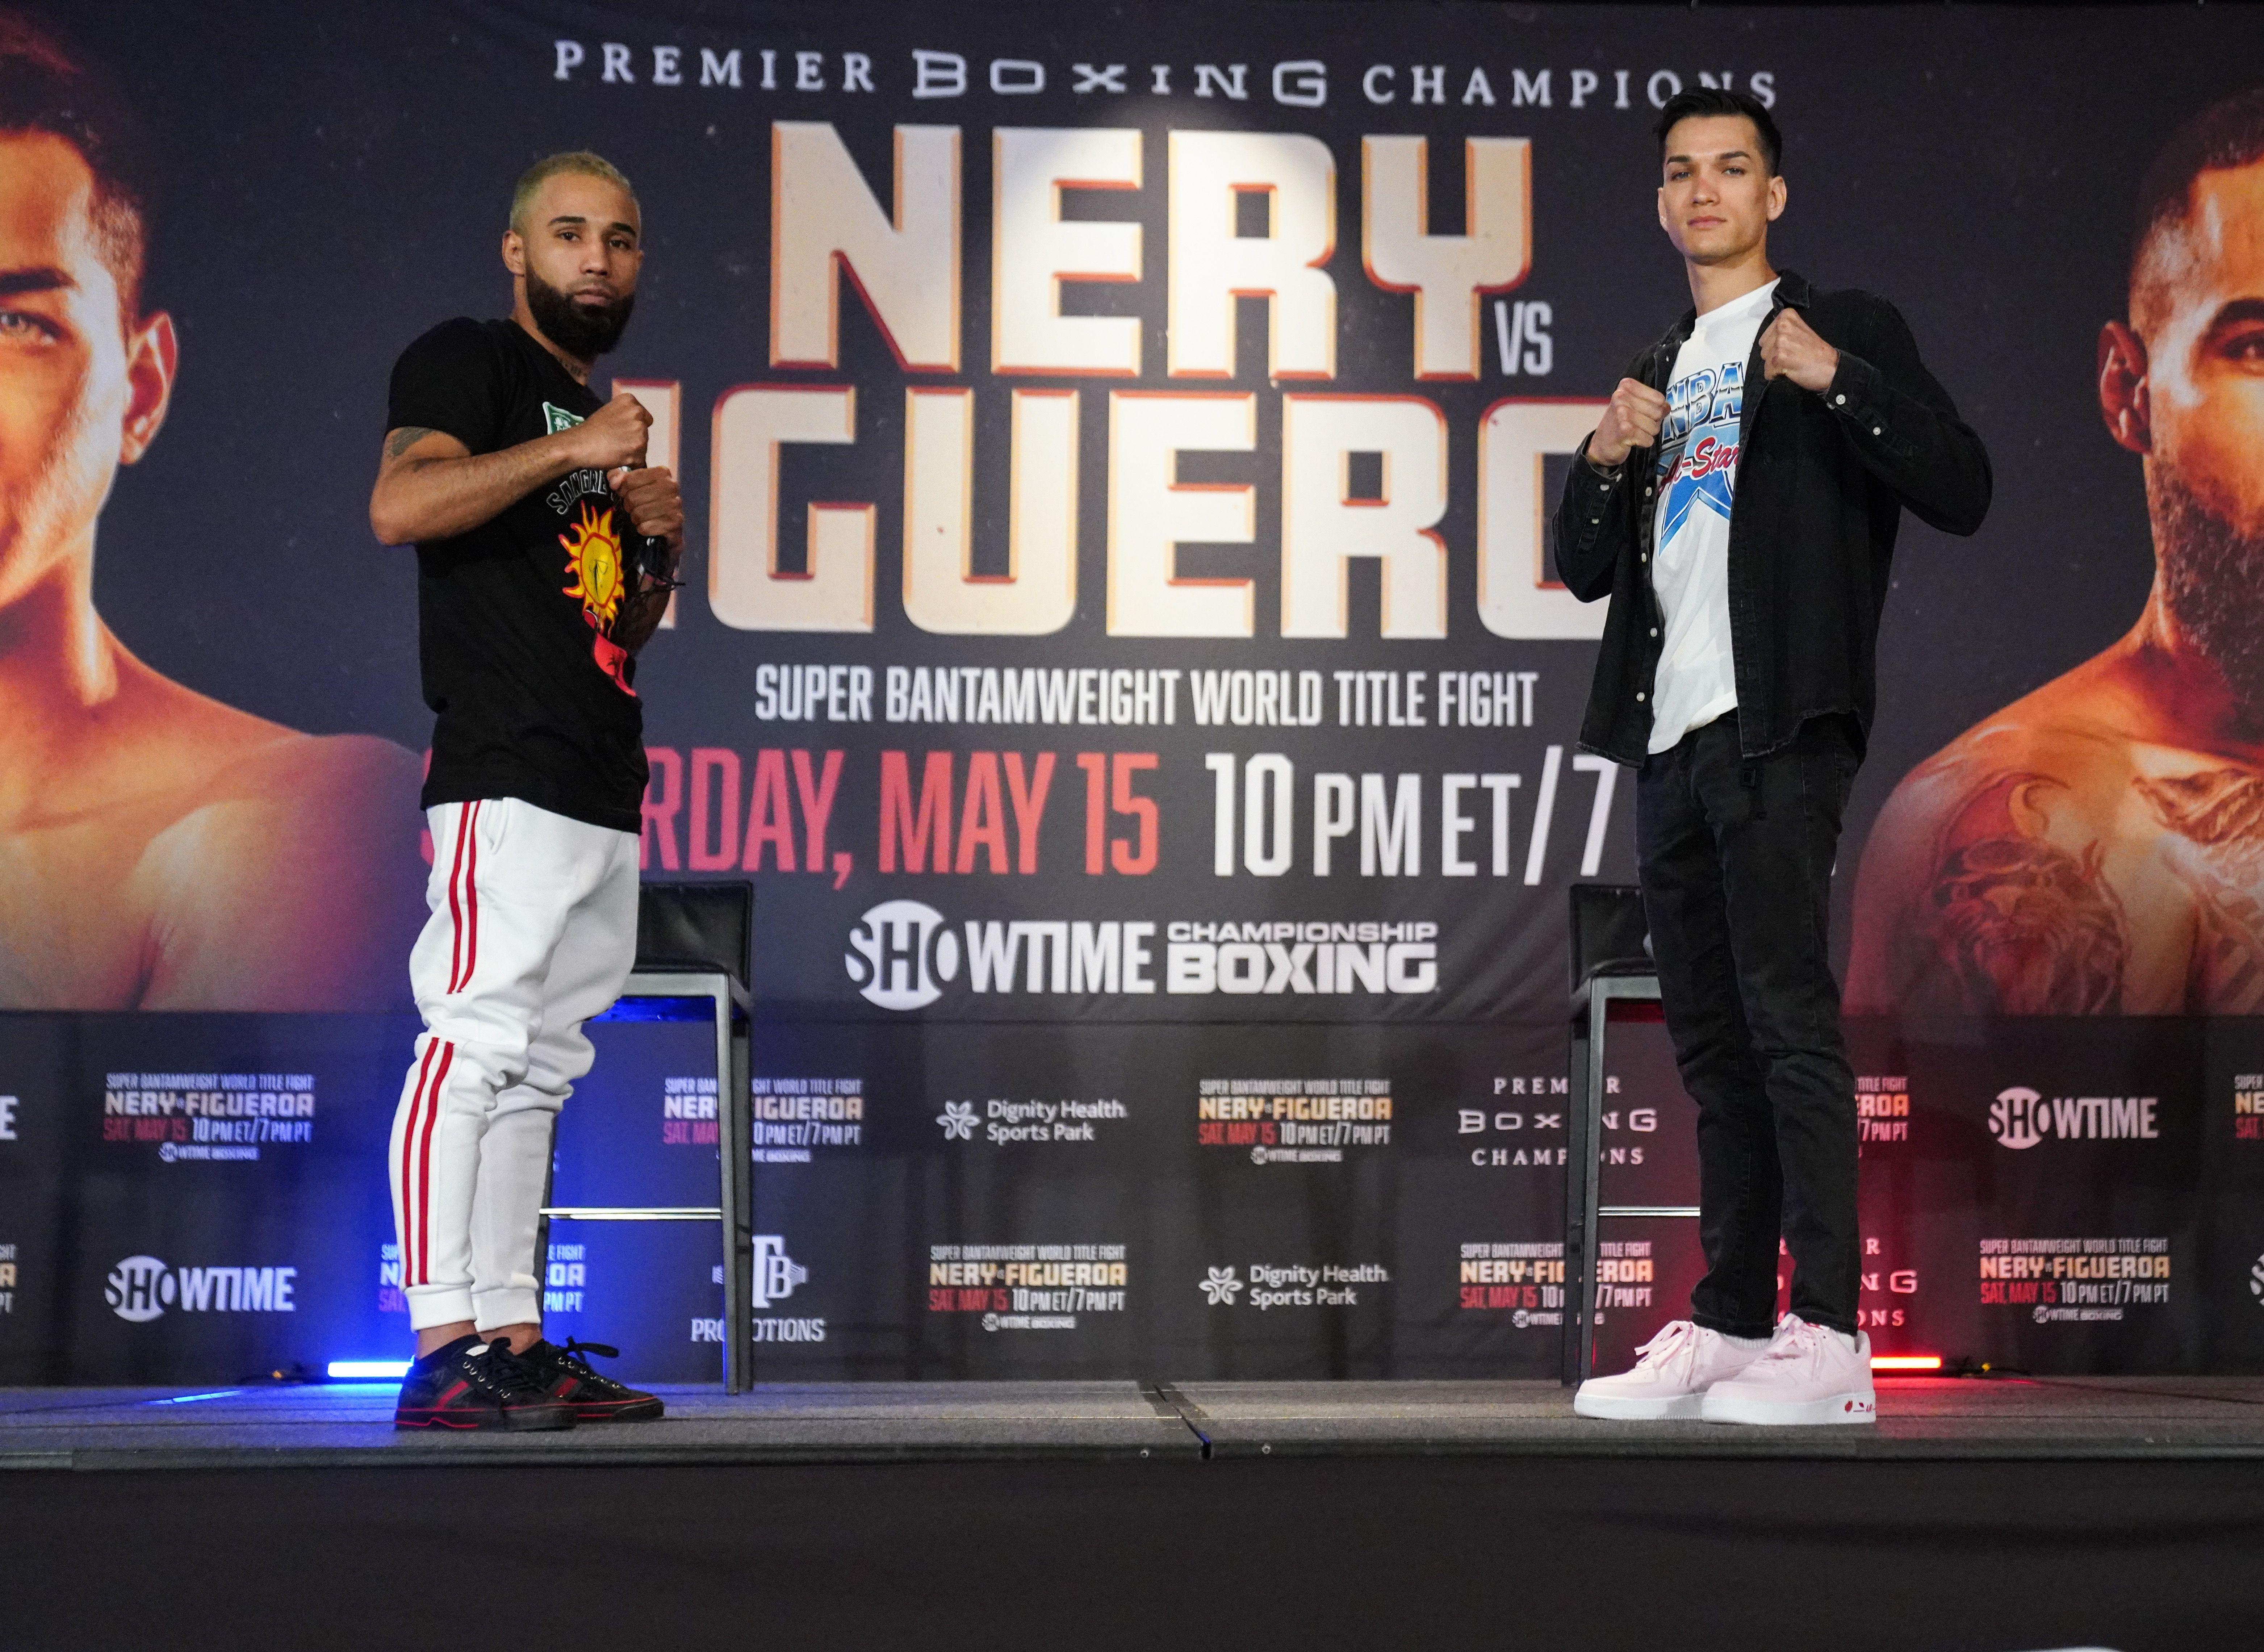 Figueroa y Nery prometen un combate lleno de acción